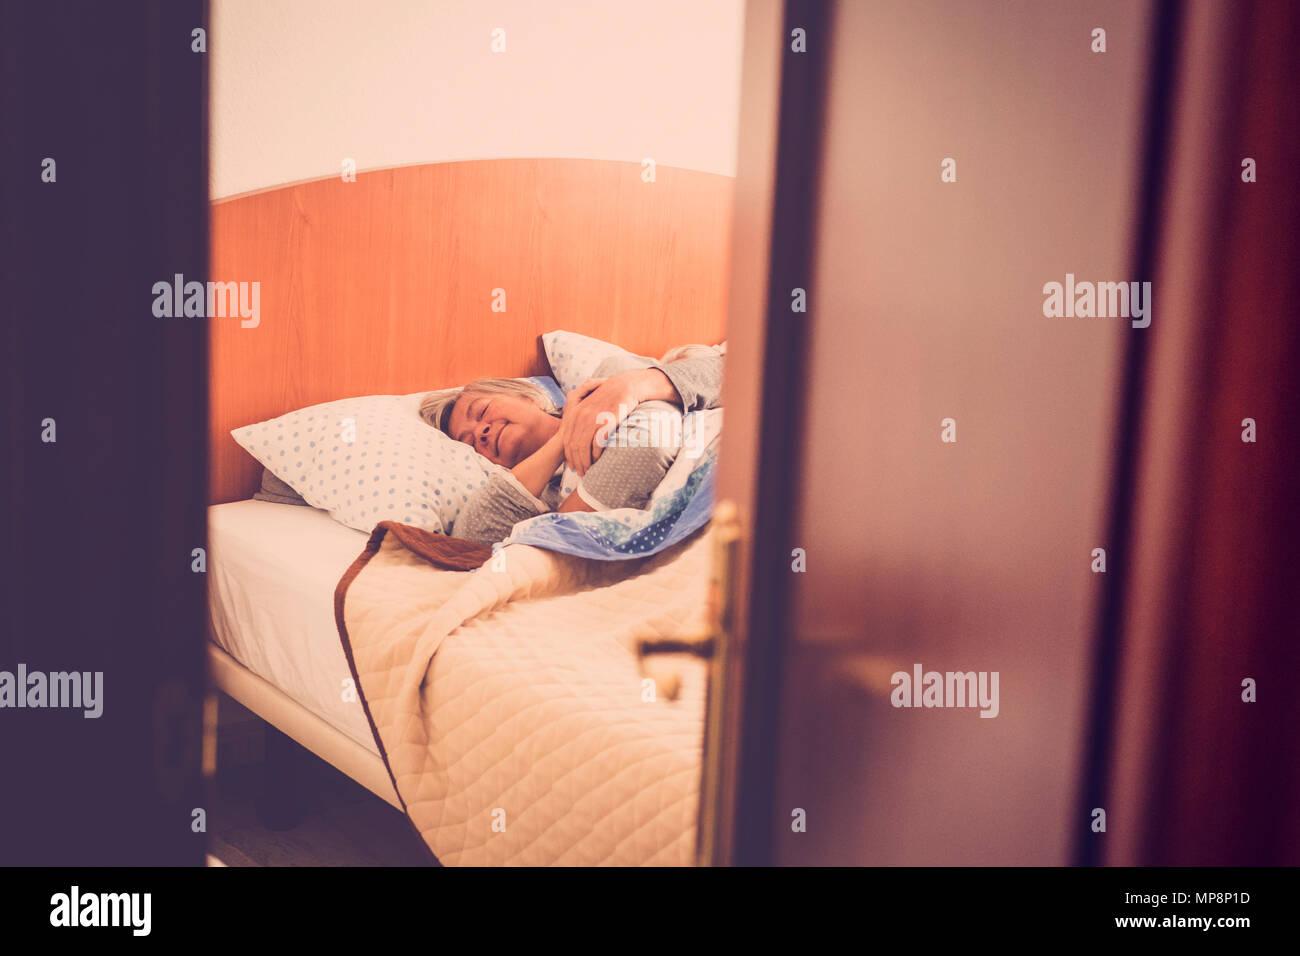 Edad adulta par dormir en el dormitorio en la casa, en el interior de la escena cotidiana de dulce amor para siempre. retro filtro. escena oculta dulzura y ancianos. Imagen De Stock